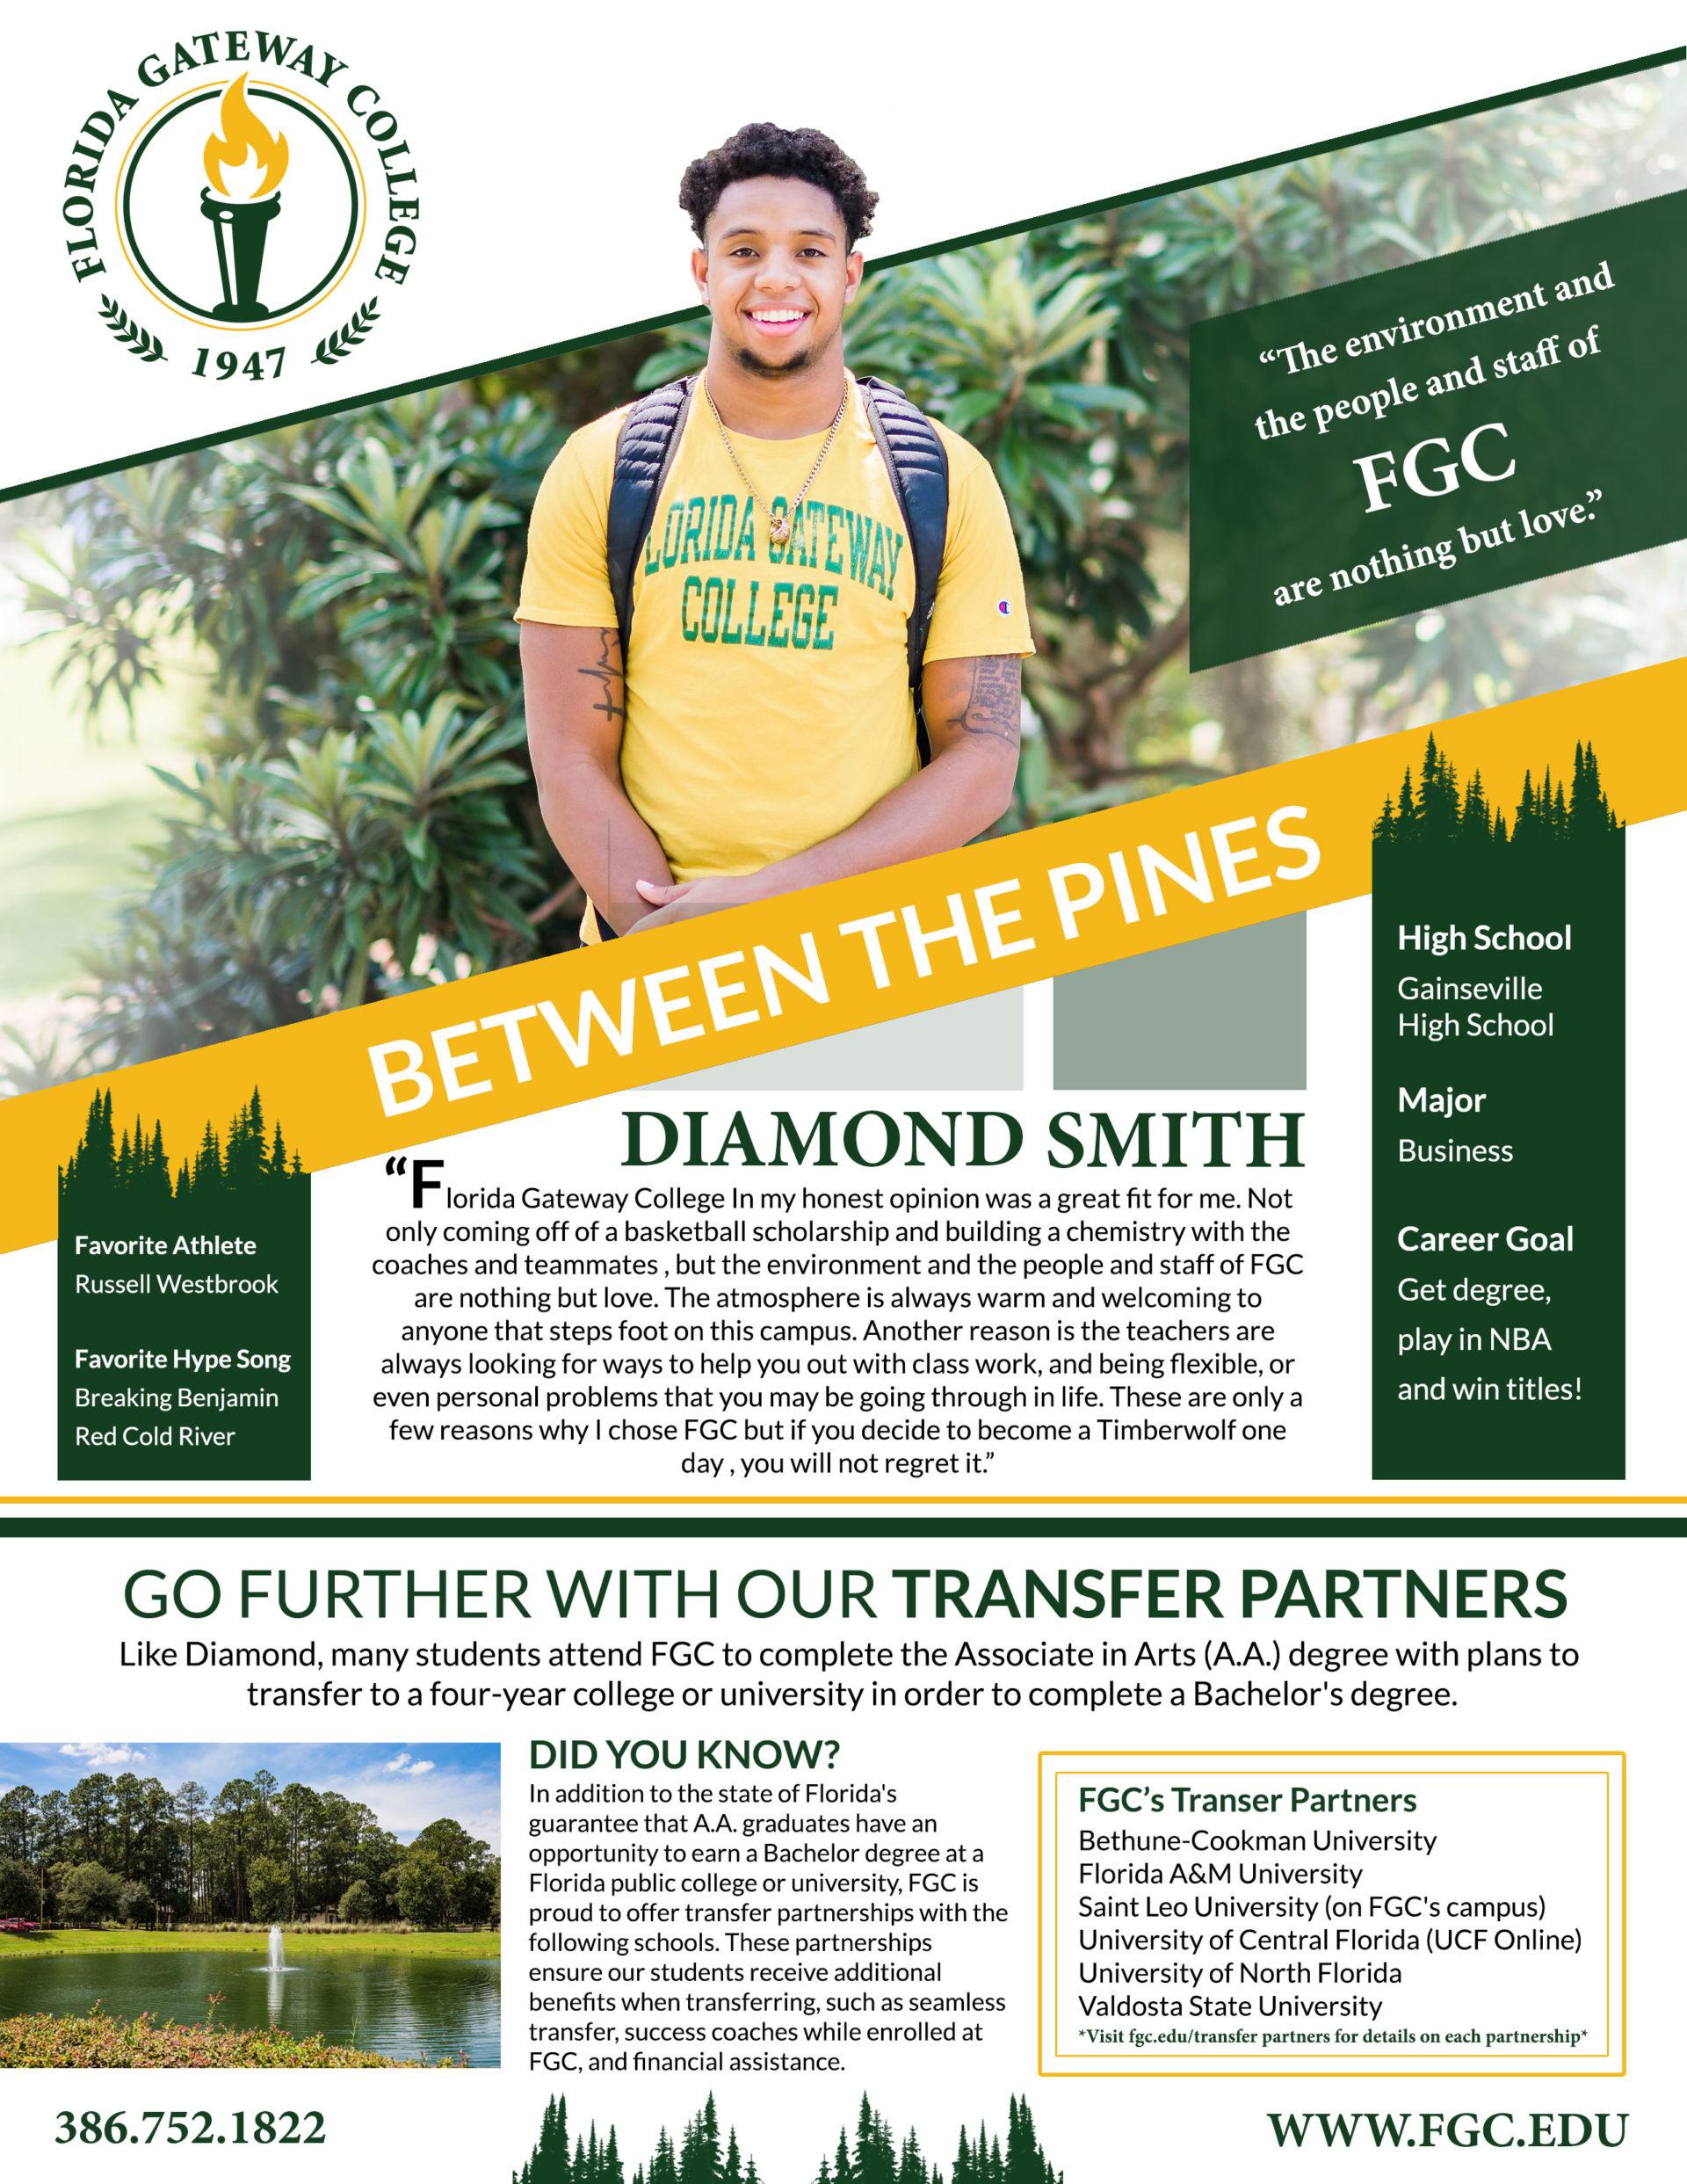 Diamond Smith's Story